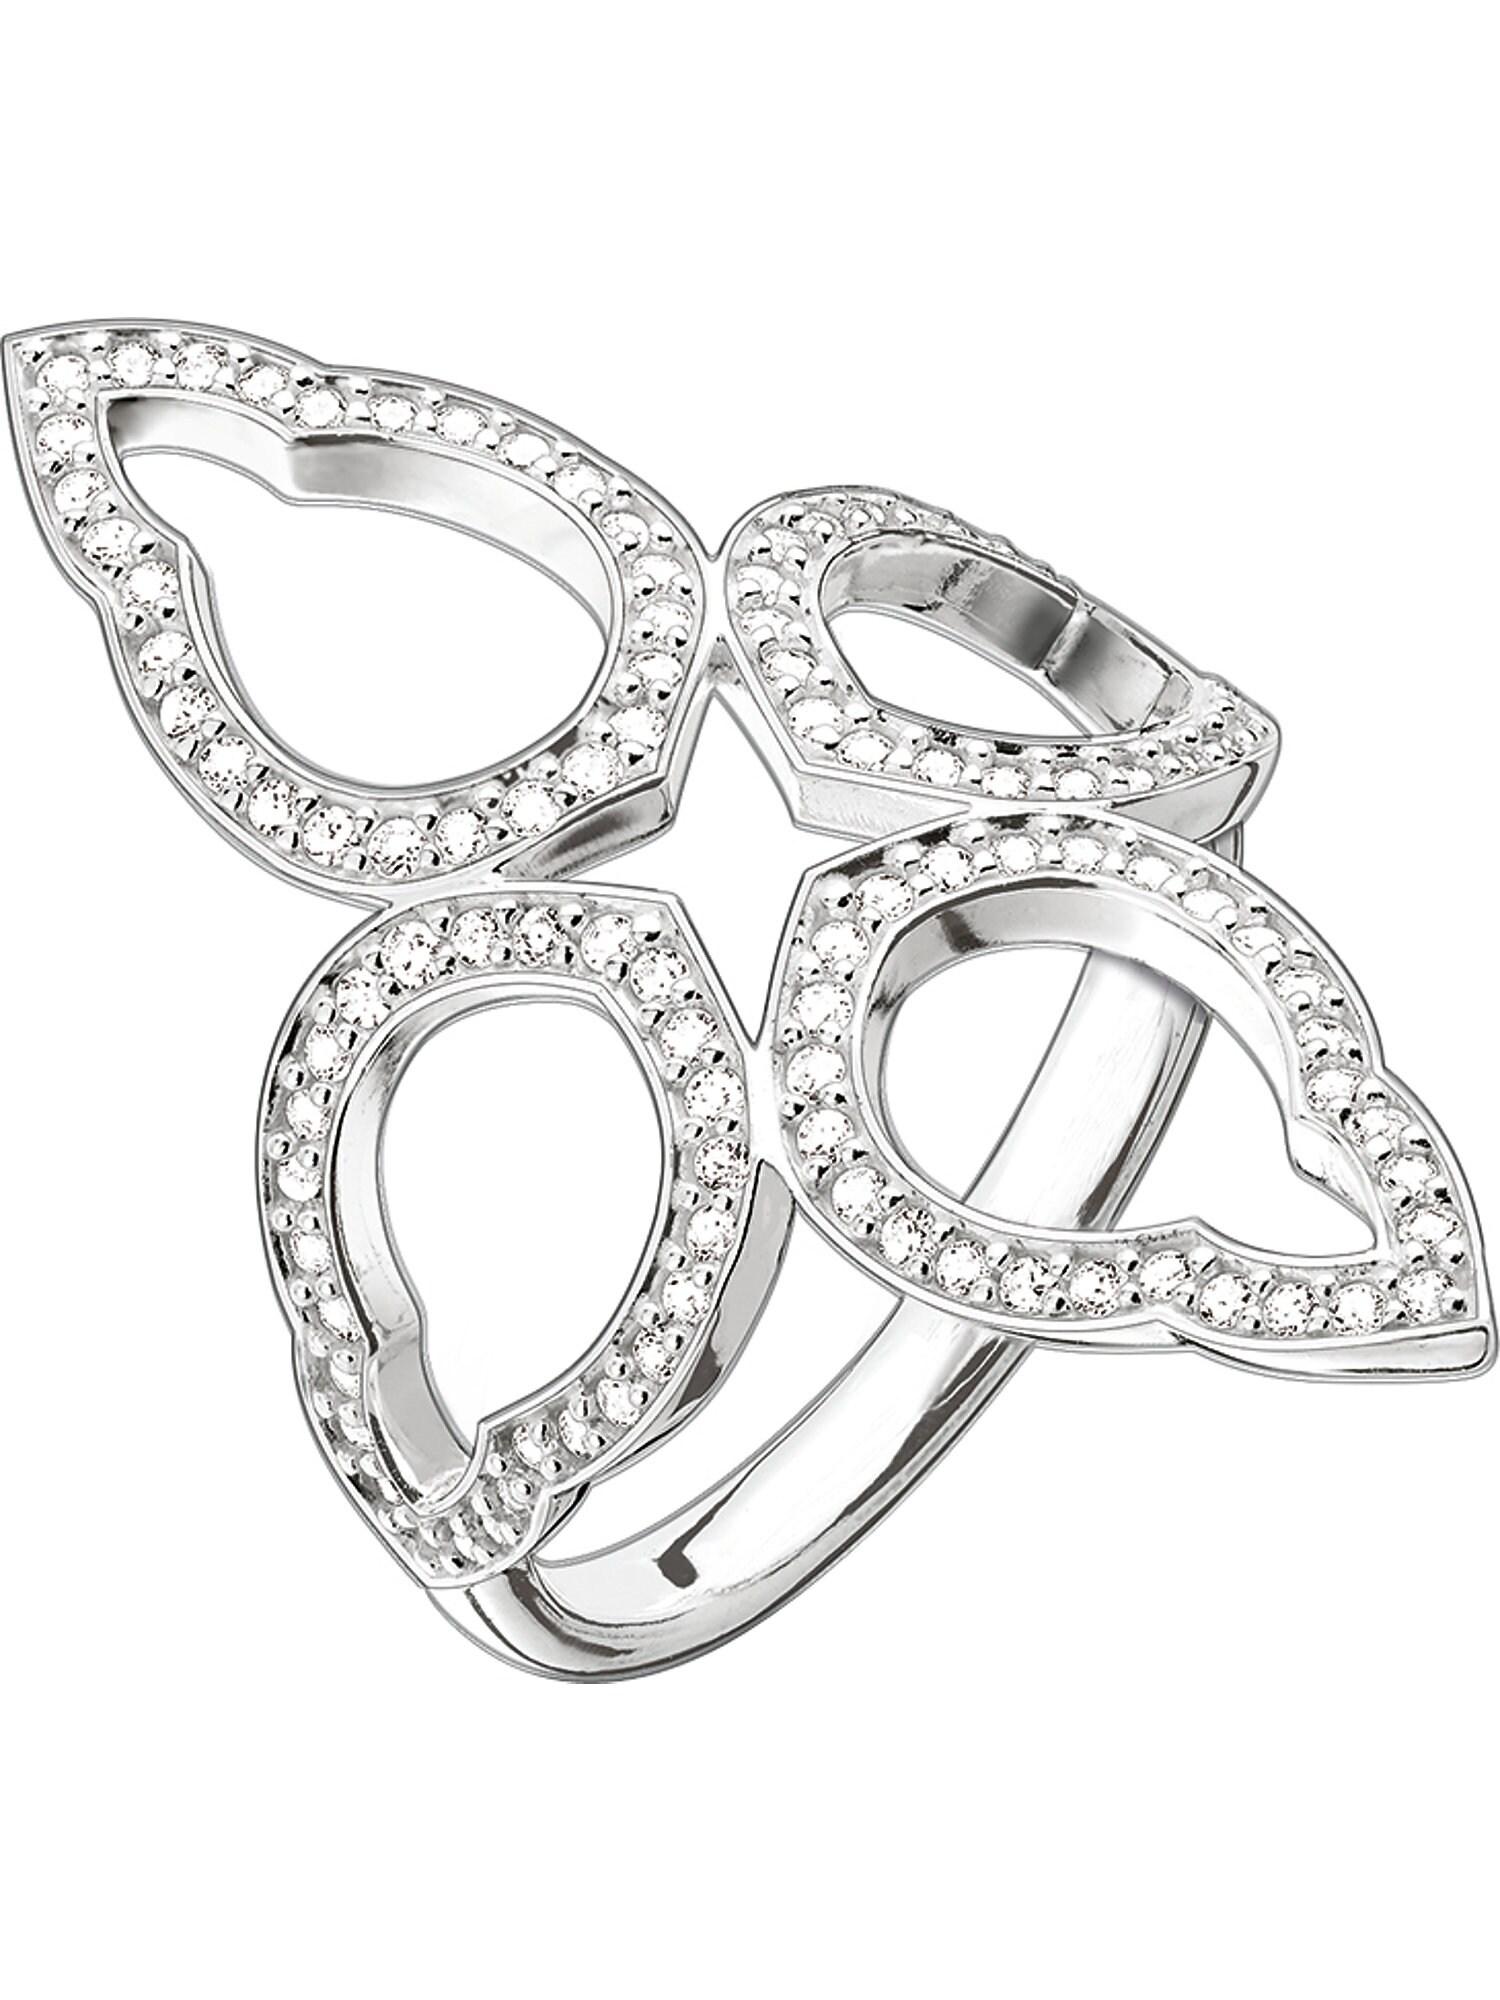 Damen Thomas Sabo Ring silber | 04051245194999